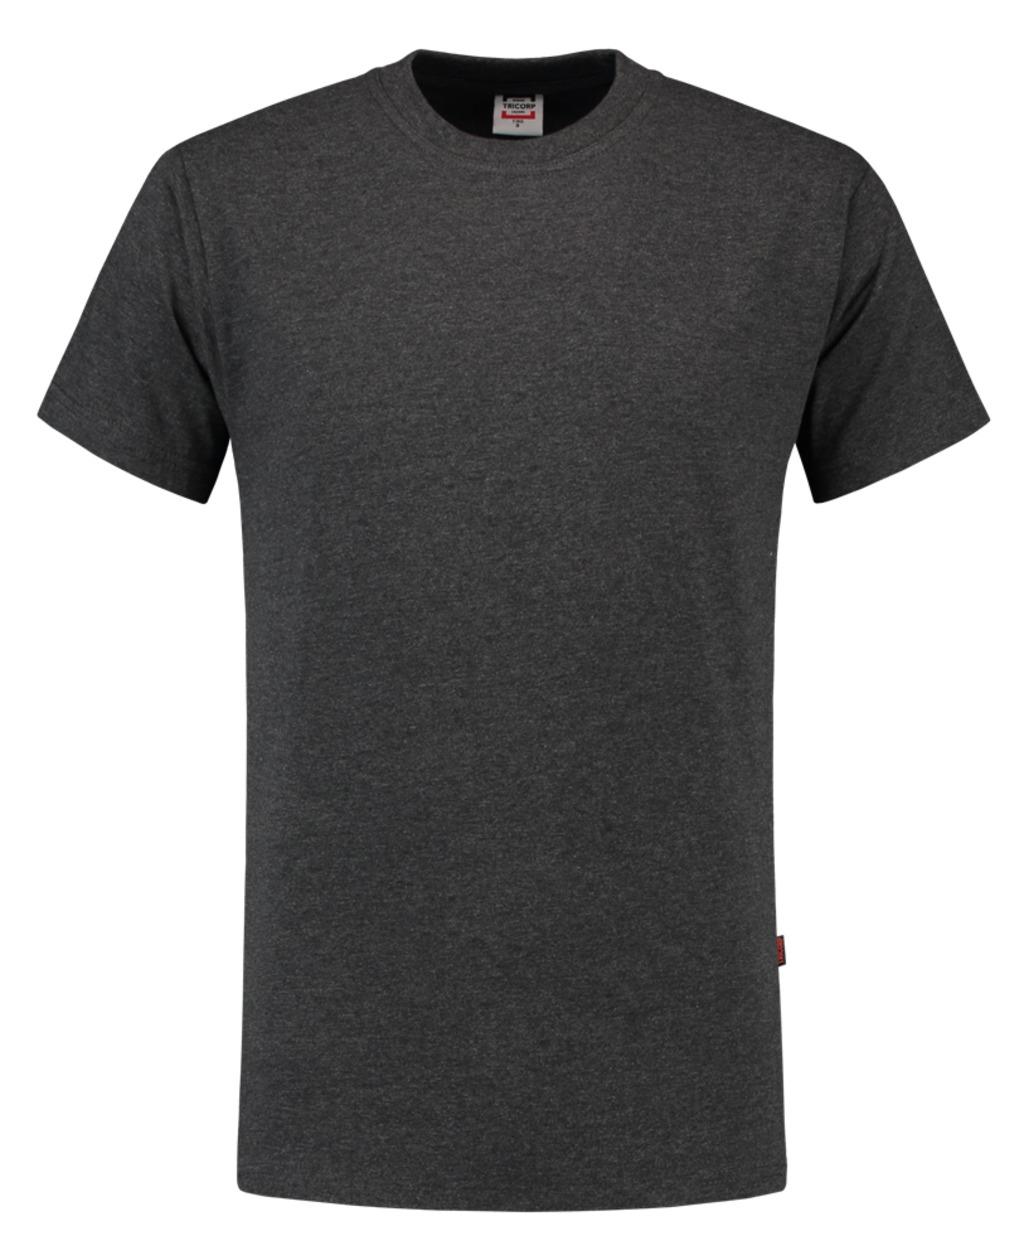 T190 T-shirt